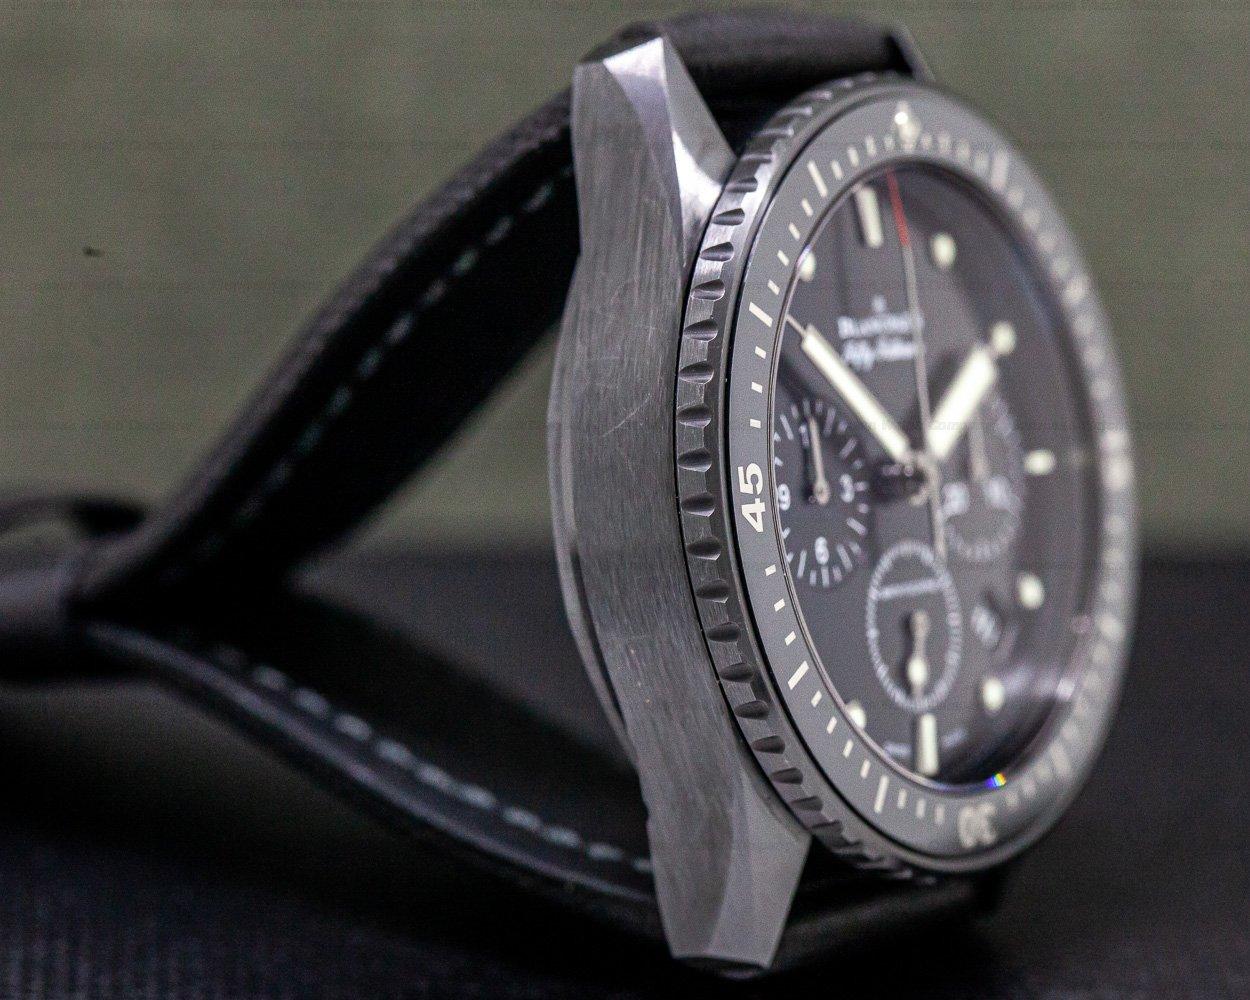 Blancpain 5200-0130-B52A Fifty Fathoms Bathyscaphe Flyback Chronograph Ceramic